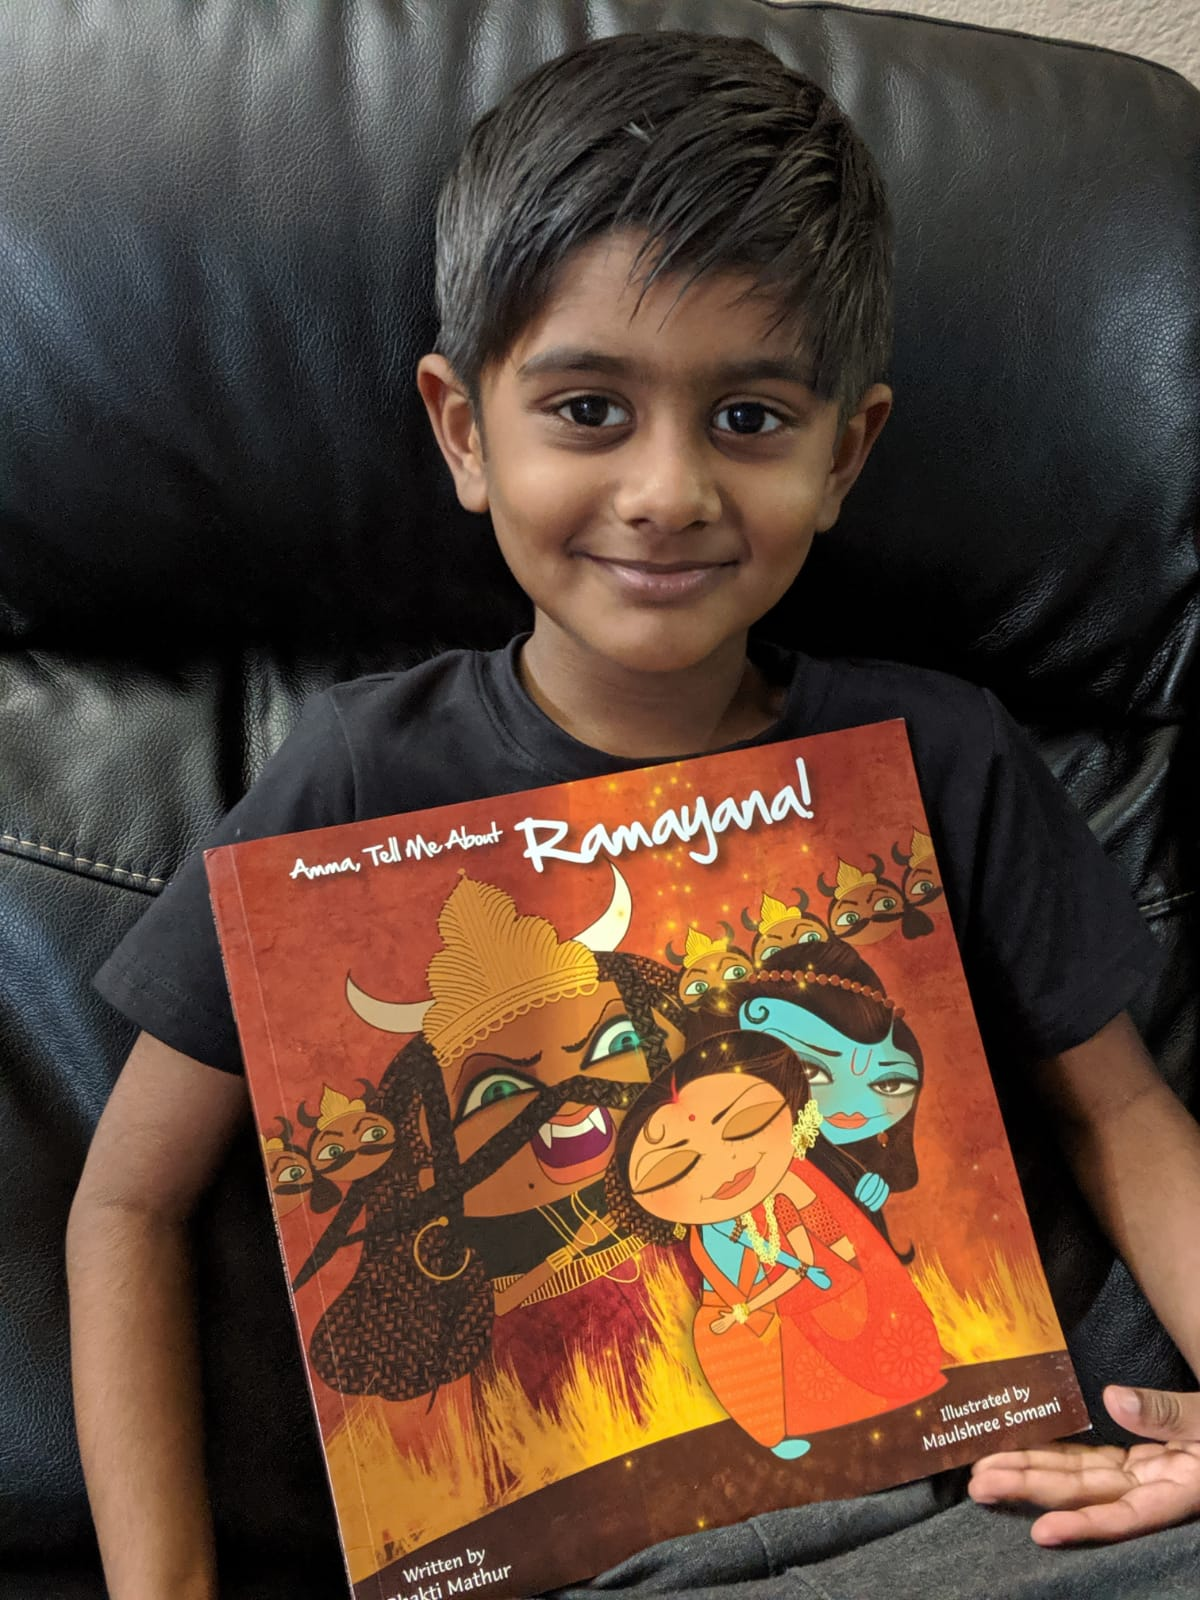 Amma Tell Me about Ramayana